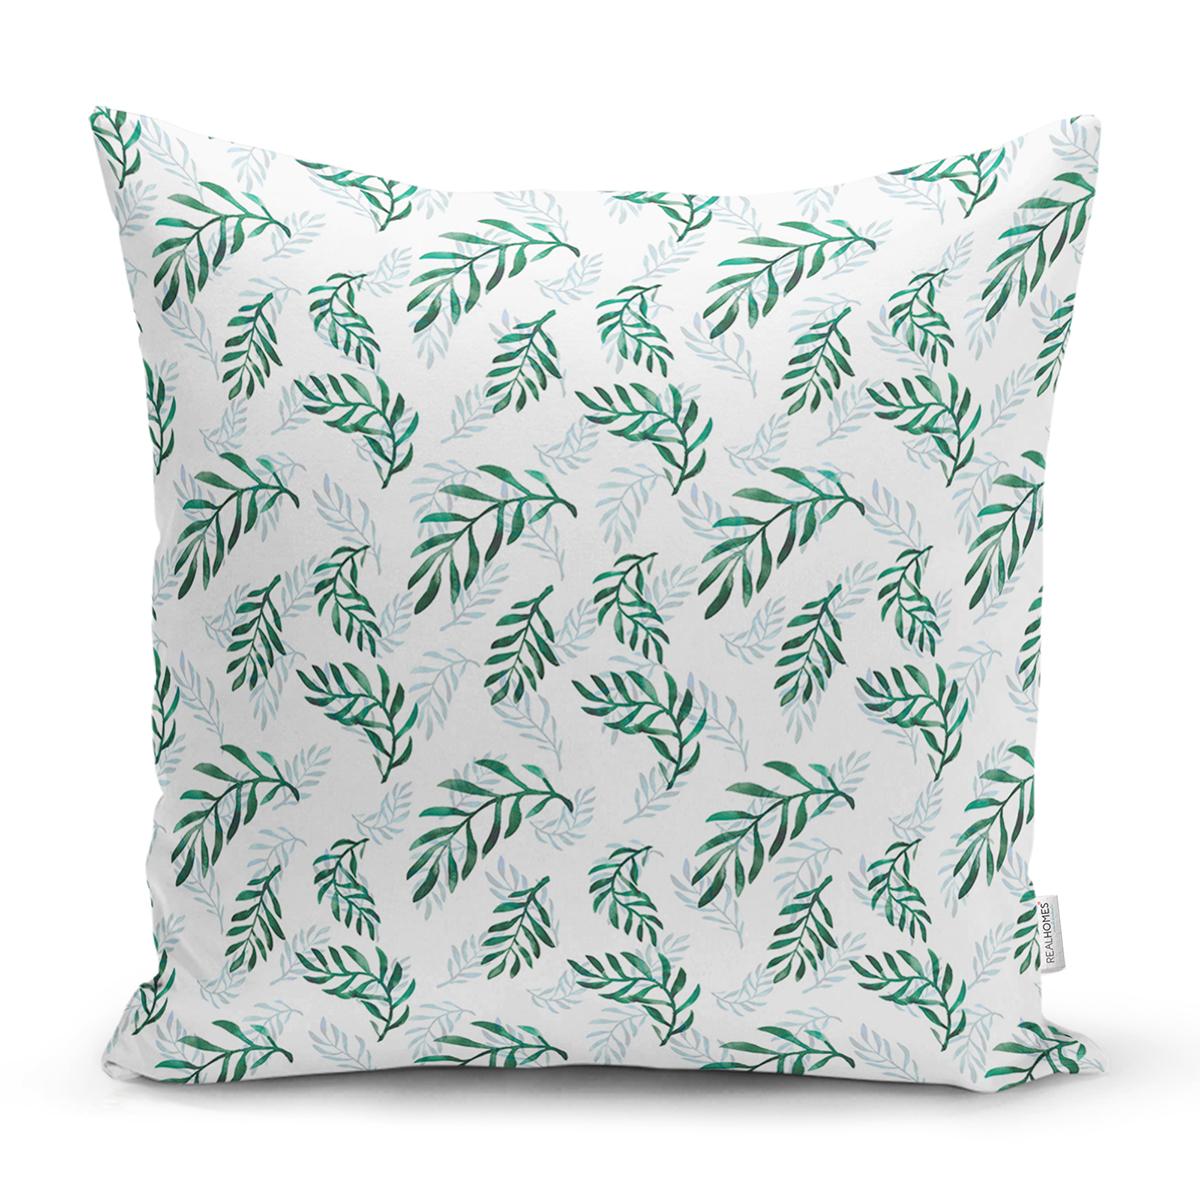 Beyaz Zemin Üzerinde Yeşil Yaprak Desenli Yastık Kırlent Kılıfı Realhomes